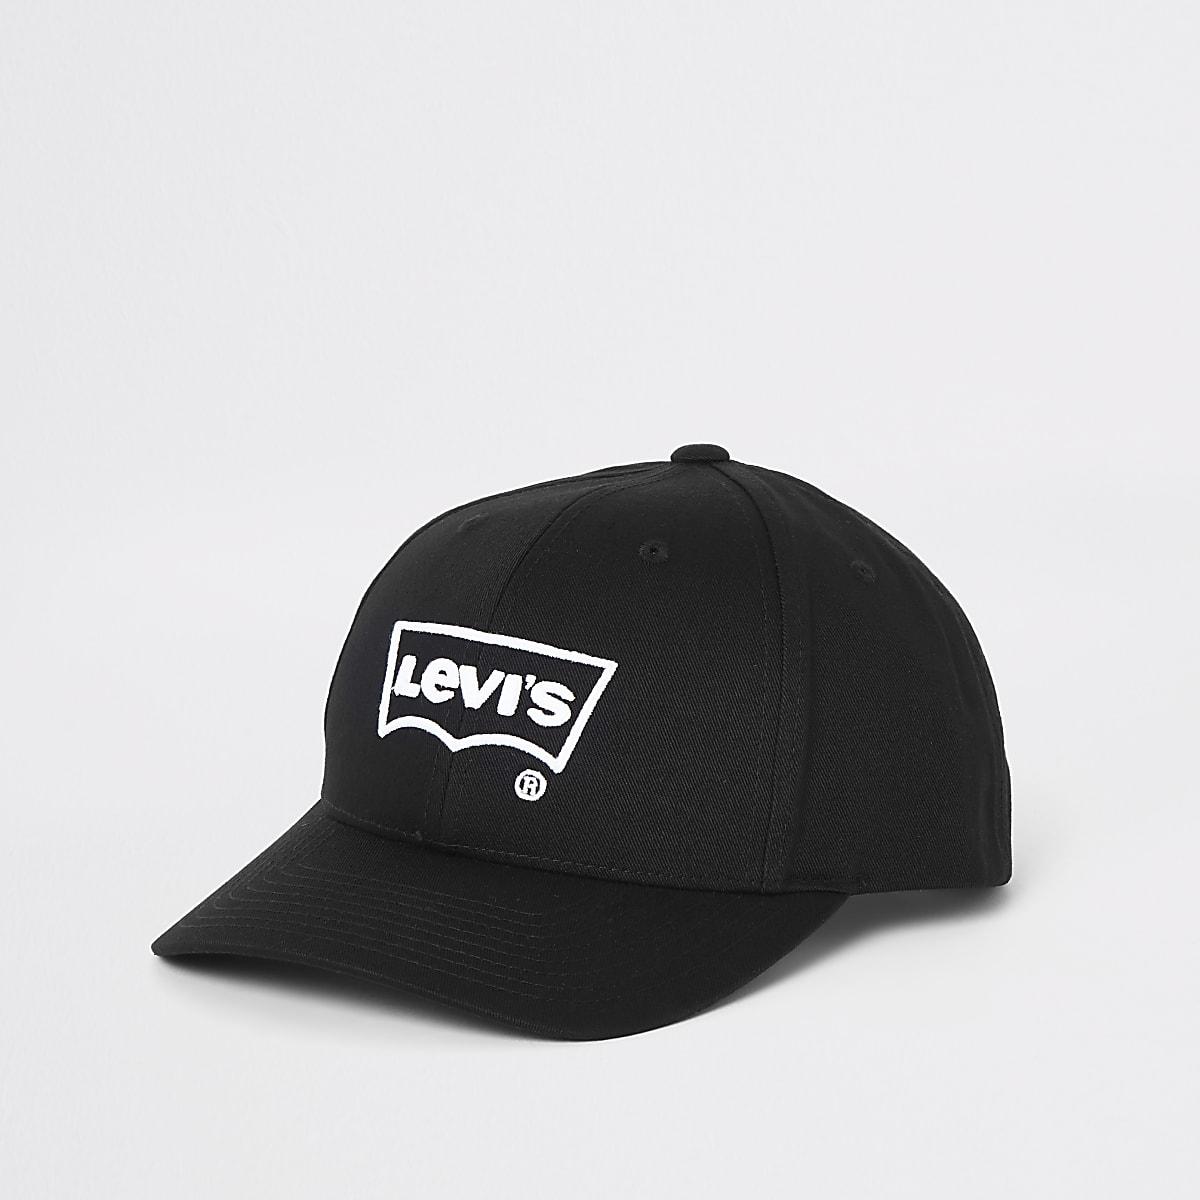 Levi's - Zwarte pet met logo